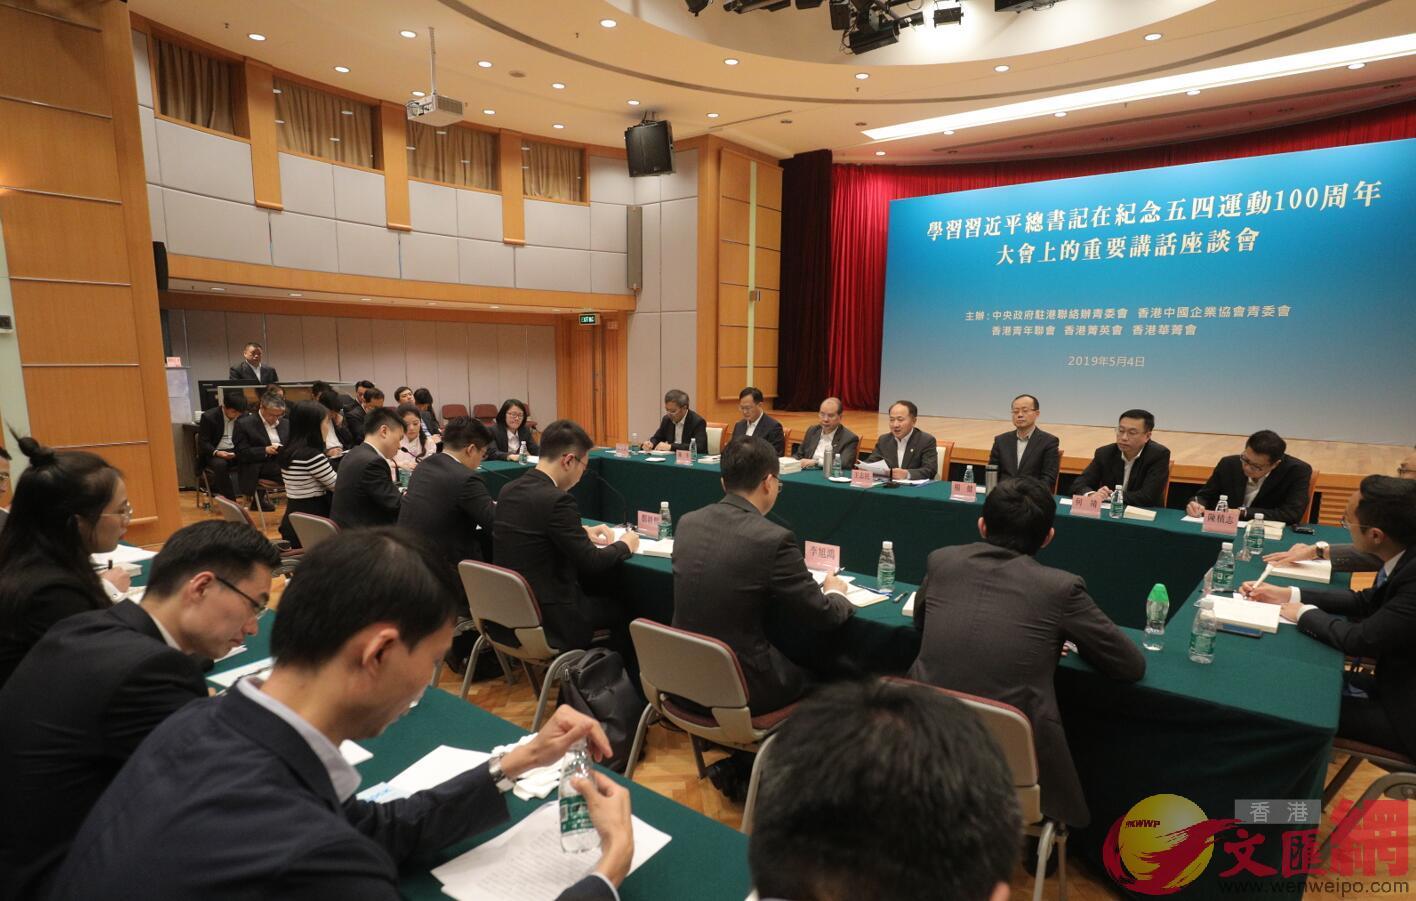 座談會上,5位香港青年代表發言,中聯辦主任王志民發表講話